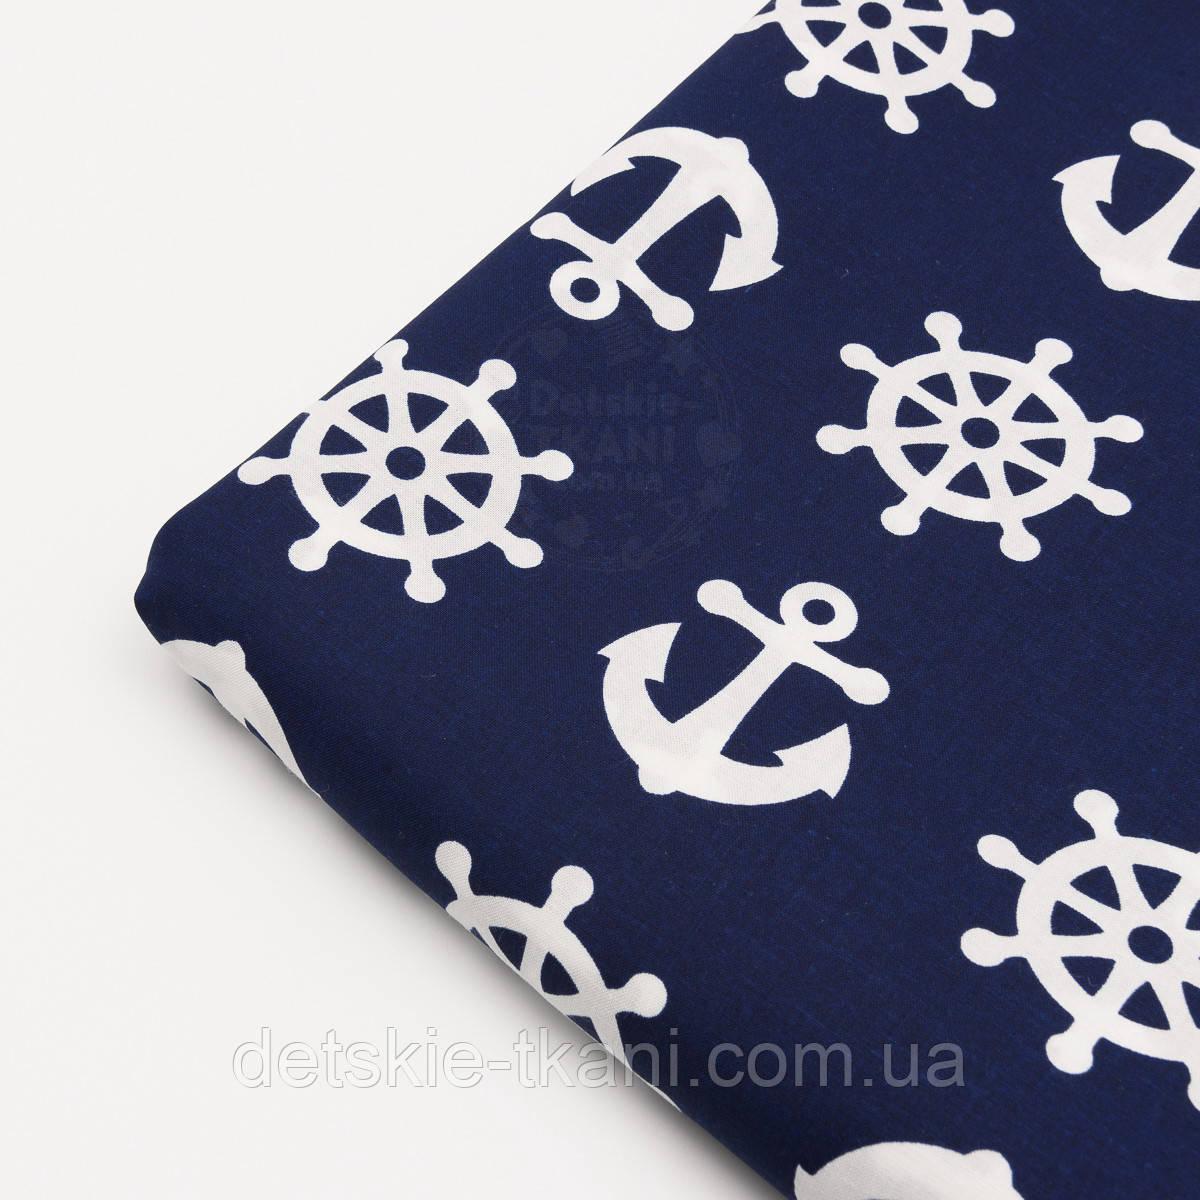 Лоскут ткани №333б  синего цвета морская тематика